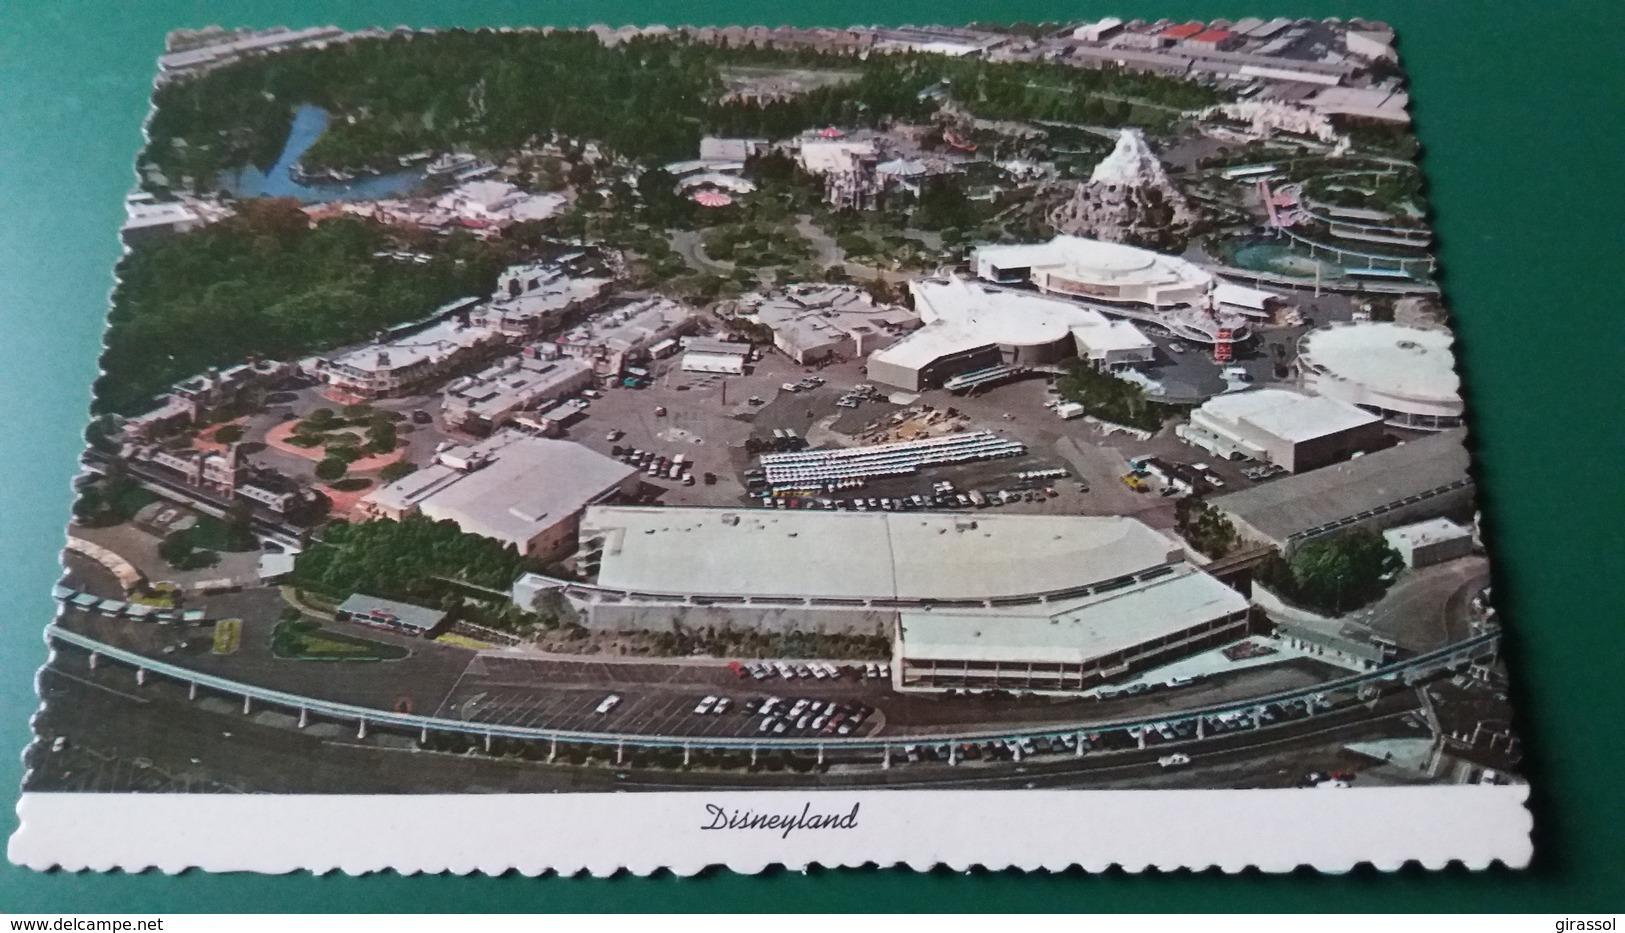 CPSM DISNEYLAND VUE AERIENNE ANAHEIM CALIFORNIA - Disneyland